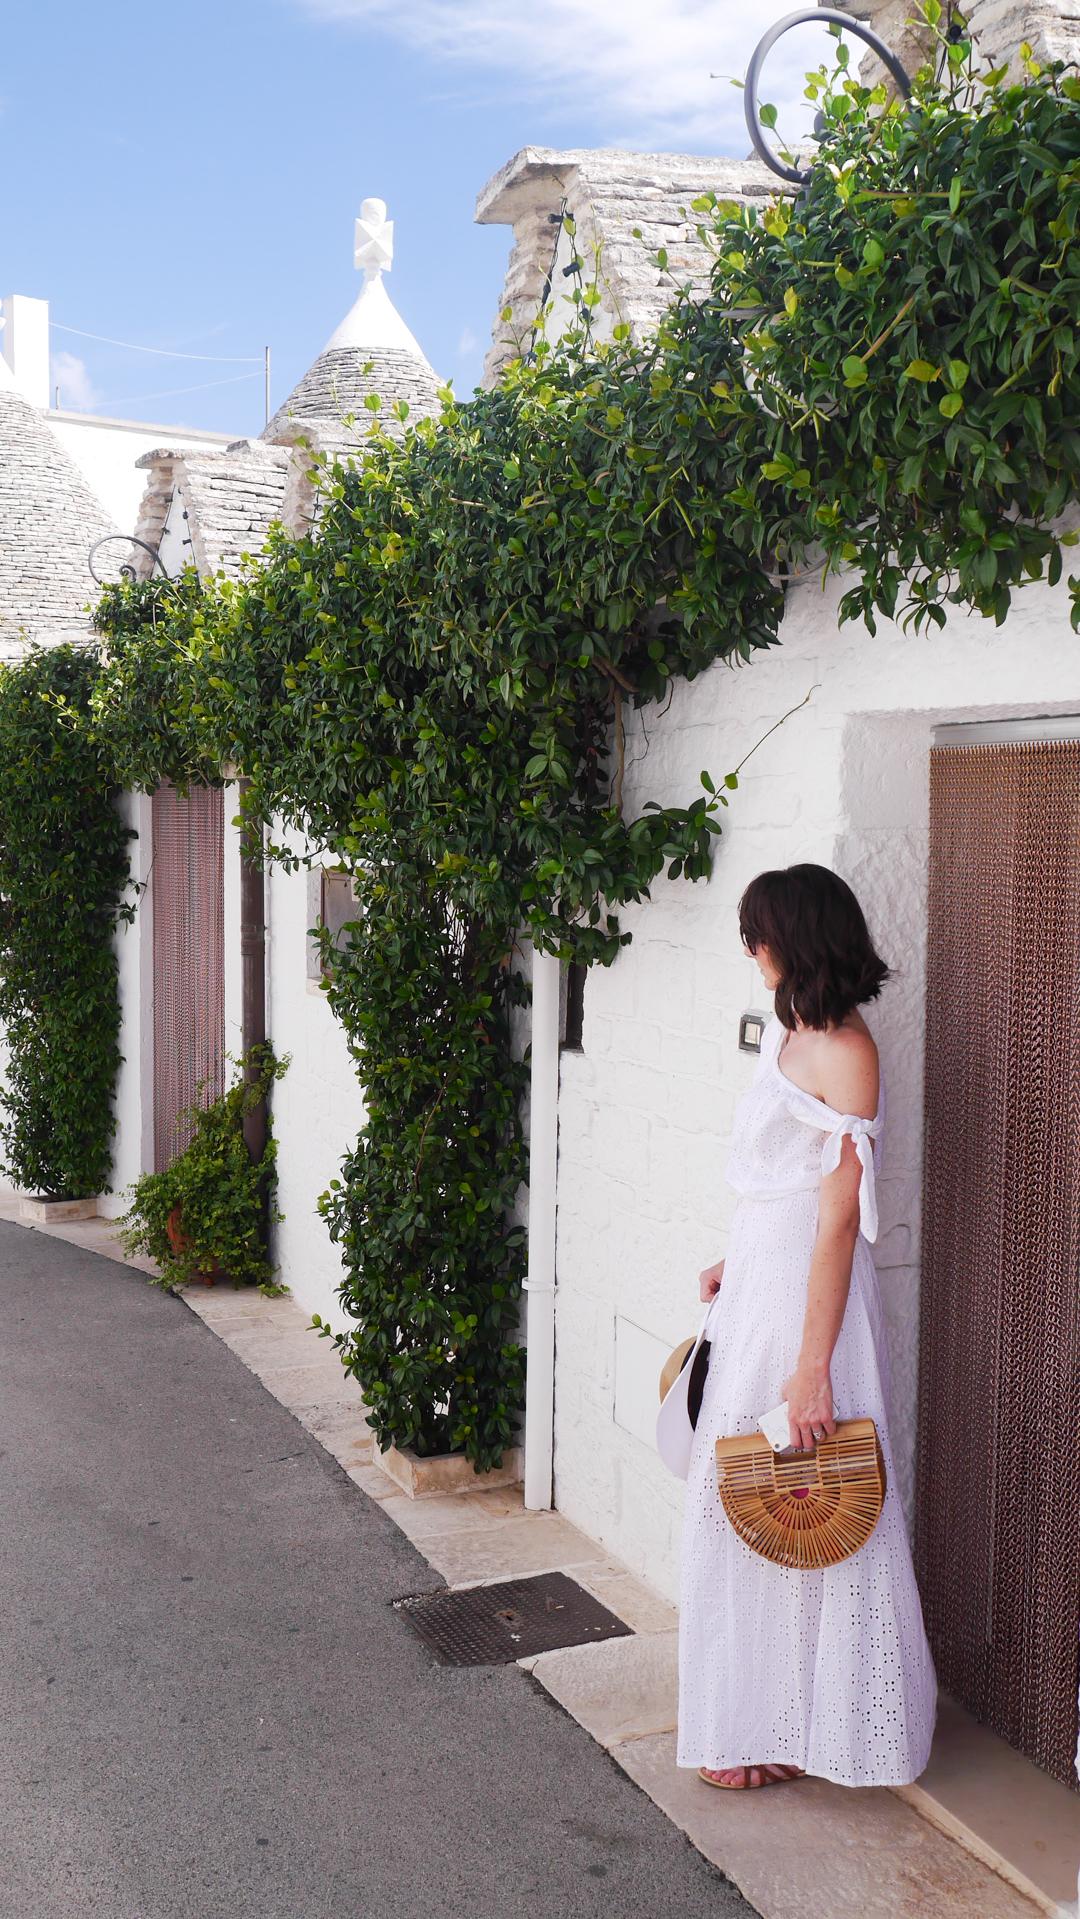 Puglia travel diary - Arbellobello